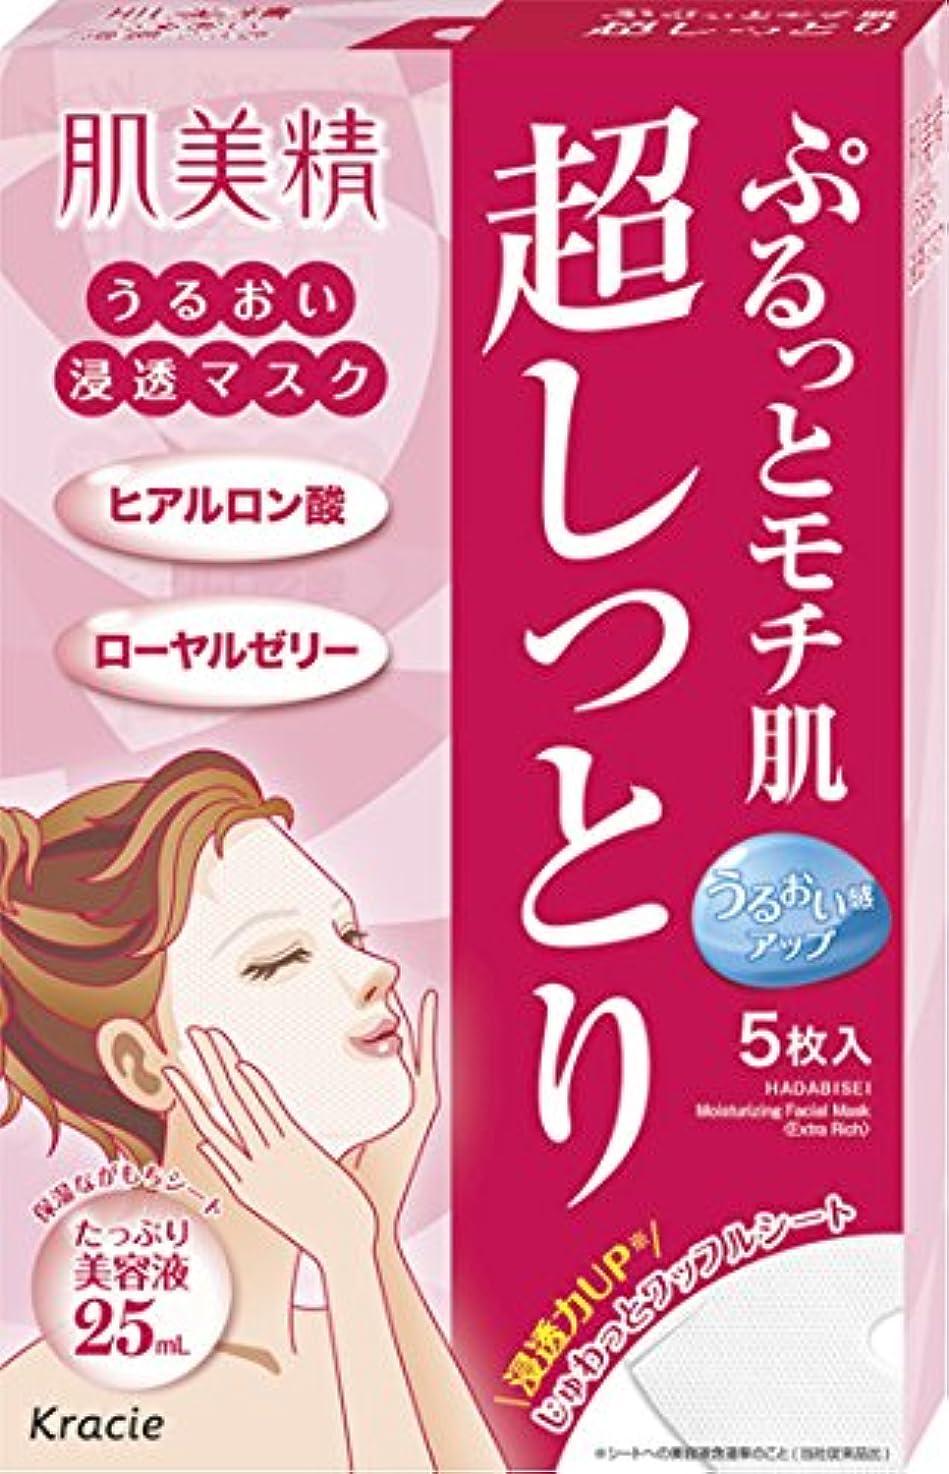 放散する検索限られた肌美精 うるおい浸透マスク (超しっとり) 5枚